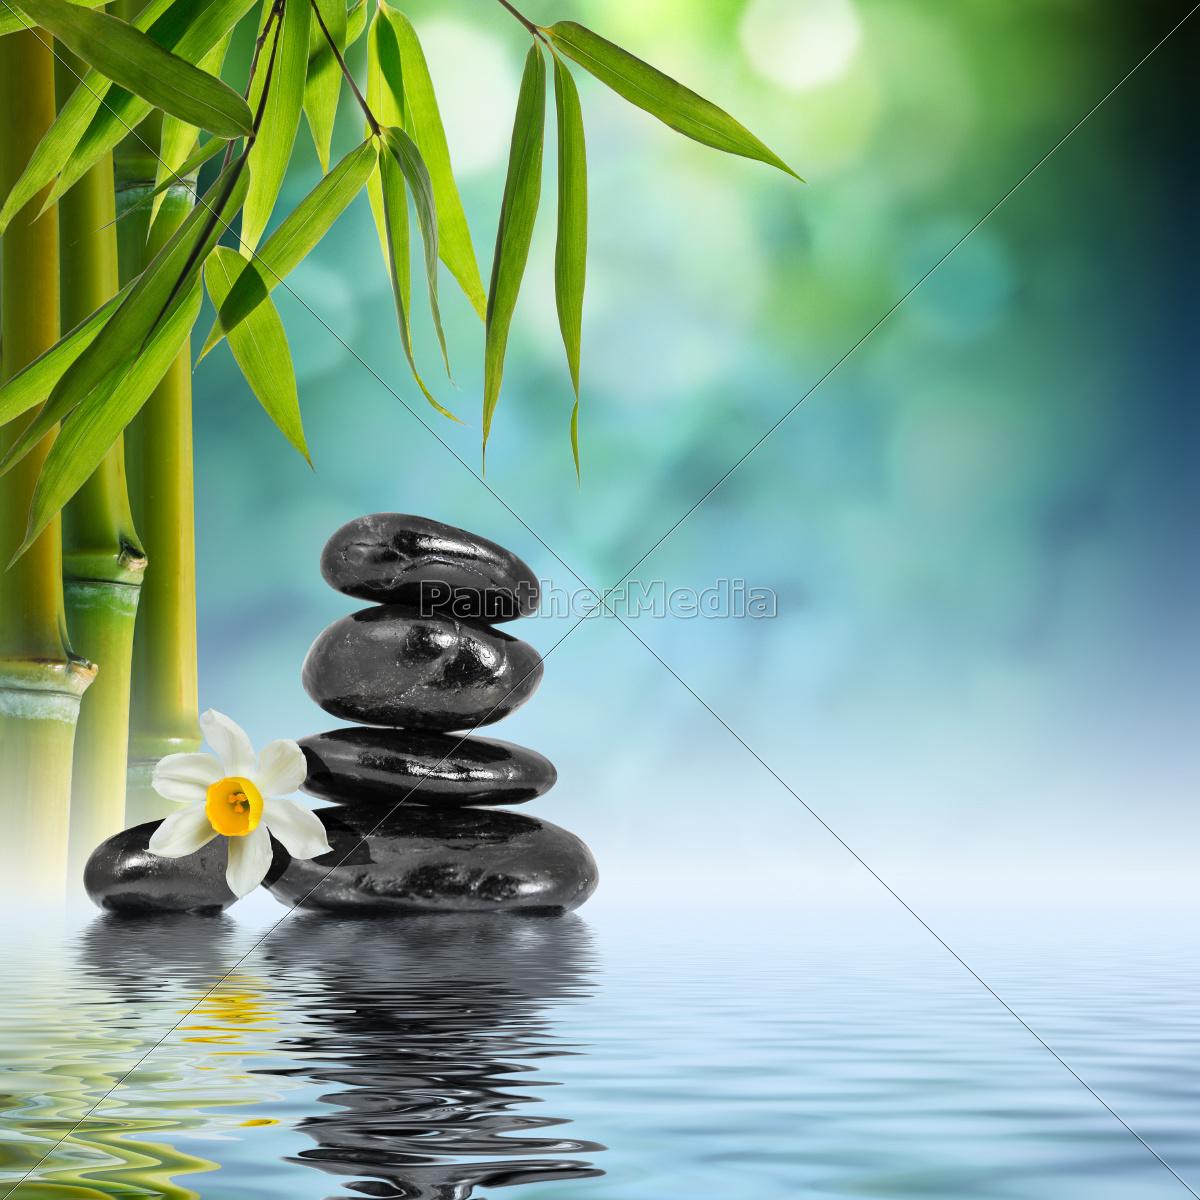 piedras, y, bambú, en, el, agua - 9763236